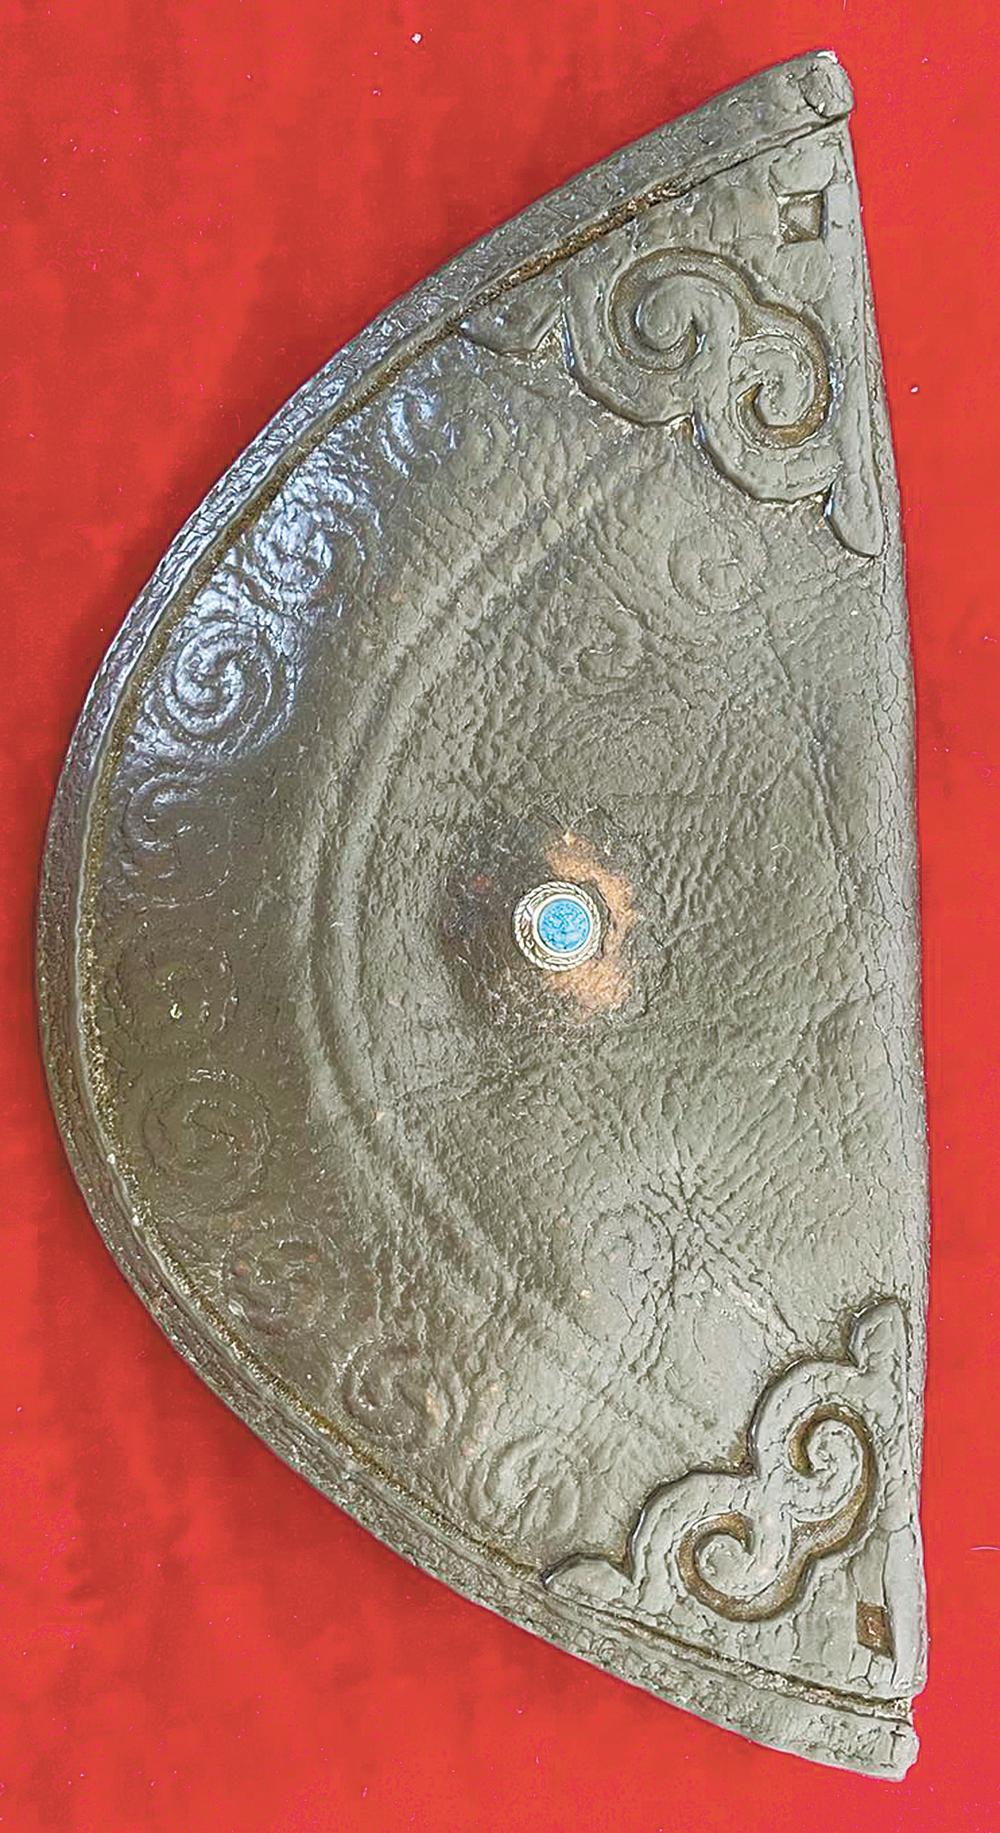 父辈留存下来的传统手工皮艺制品 《贝壳形钱包》